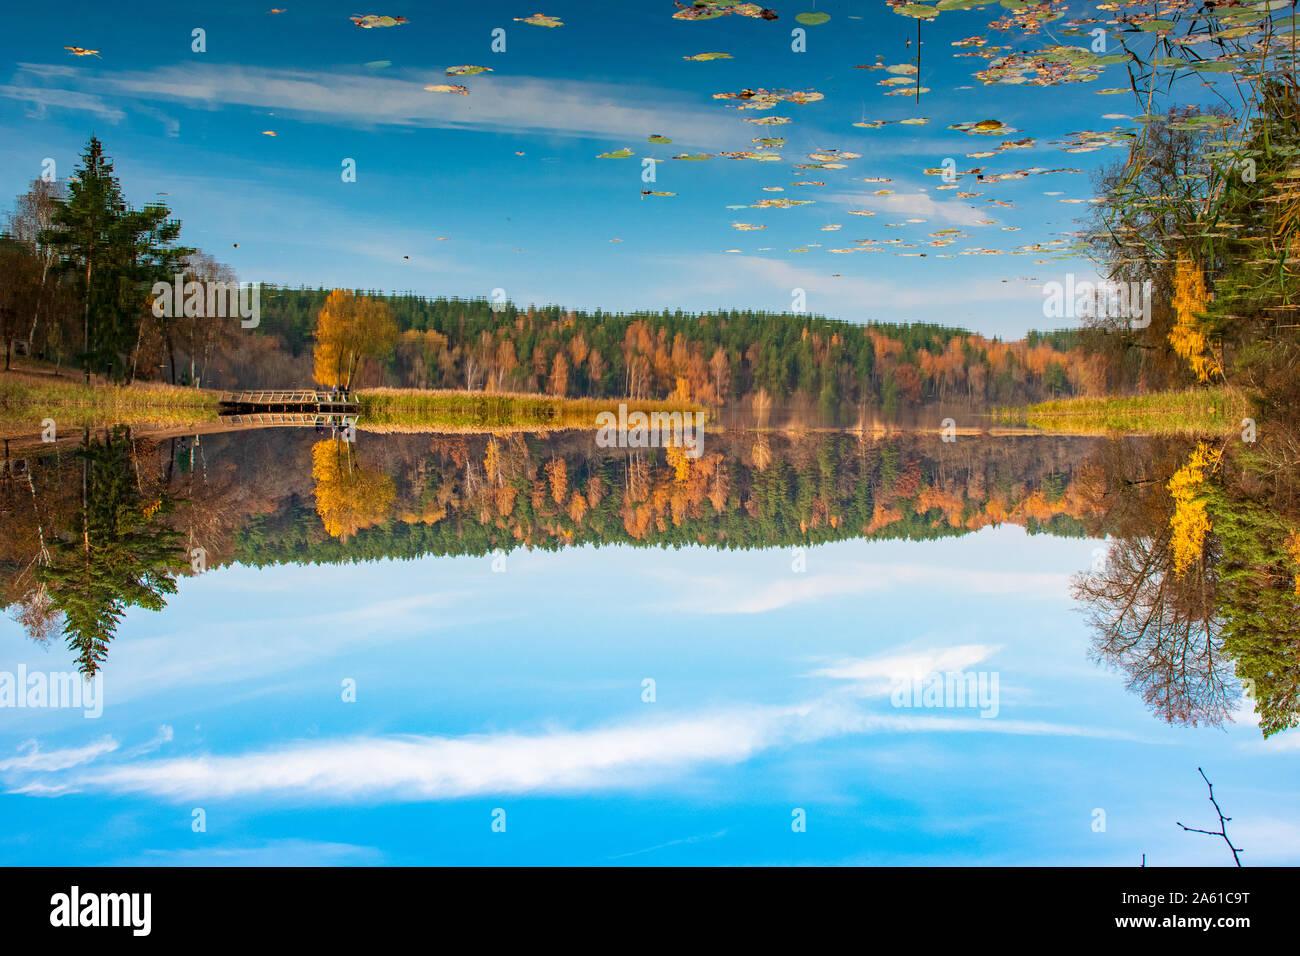 Reflexiones de otoño. Hermoso paisaje otoñal con lago y aguas tranquilas, bosque con el amarillo, el naranja y el verde de los árboles, Octubre, Noviembre antecedentes Foto de stock